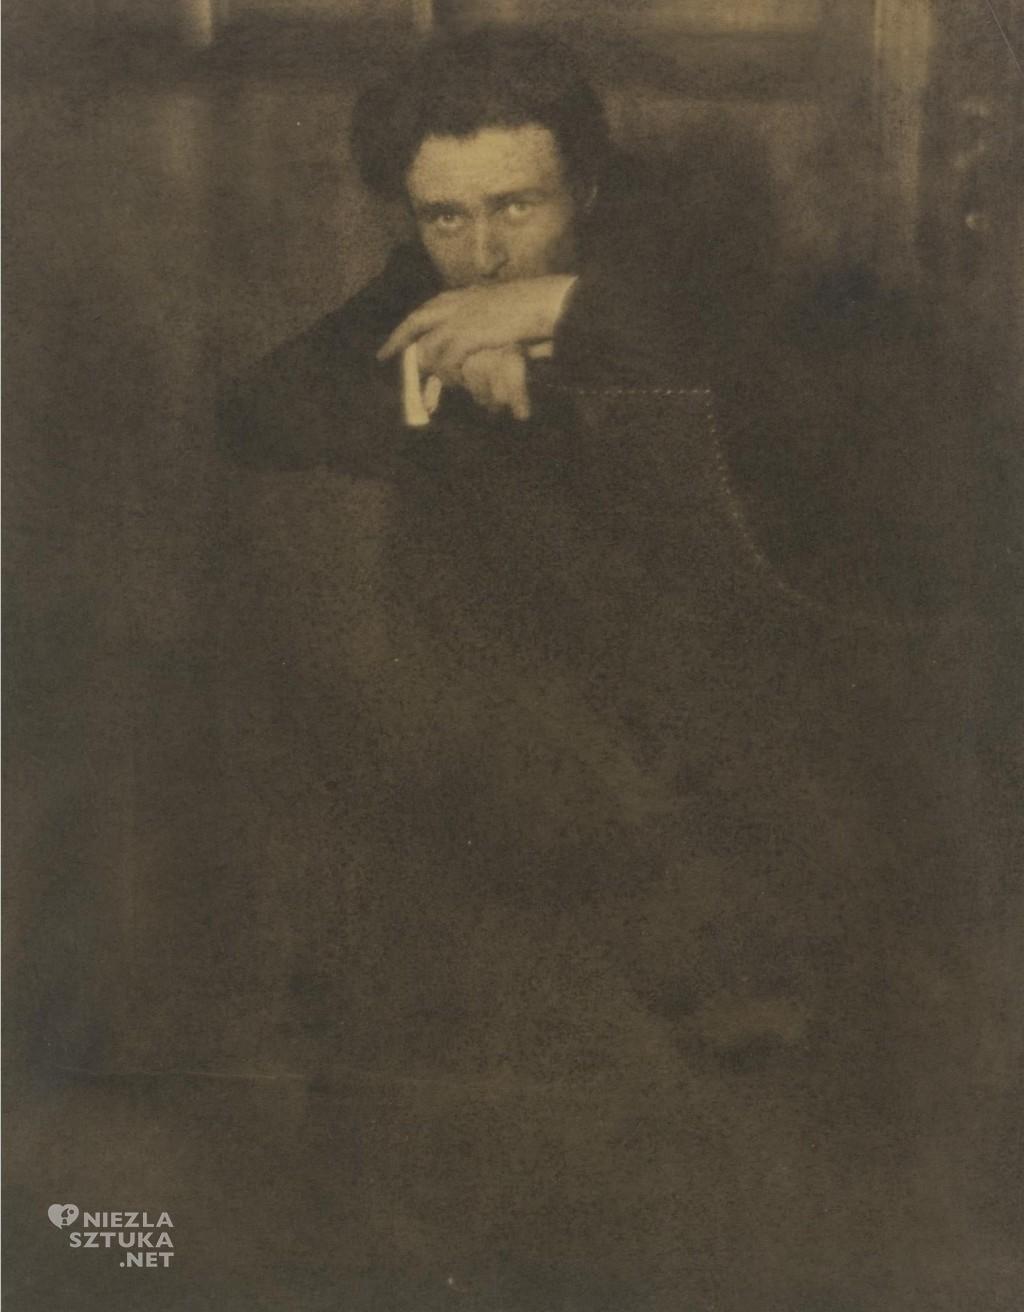 portrait of edward steichen